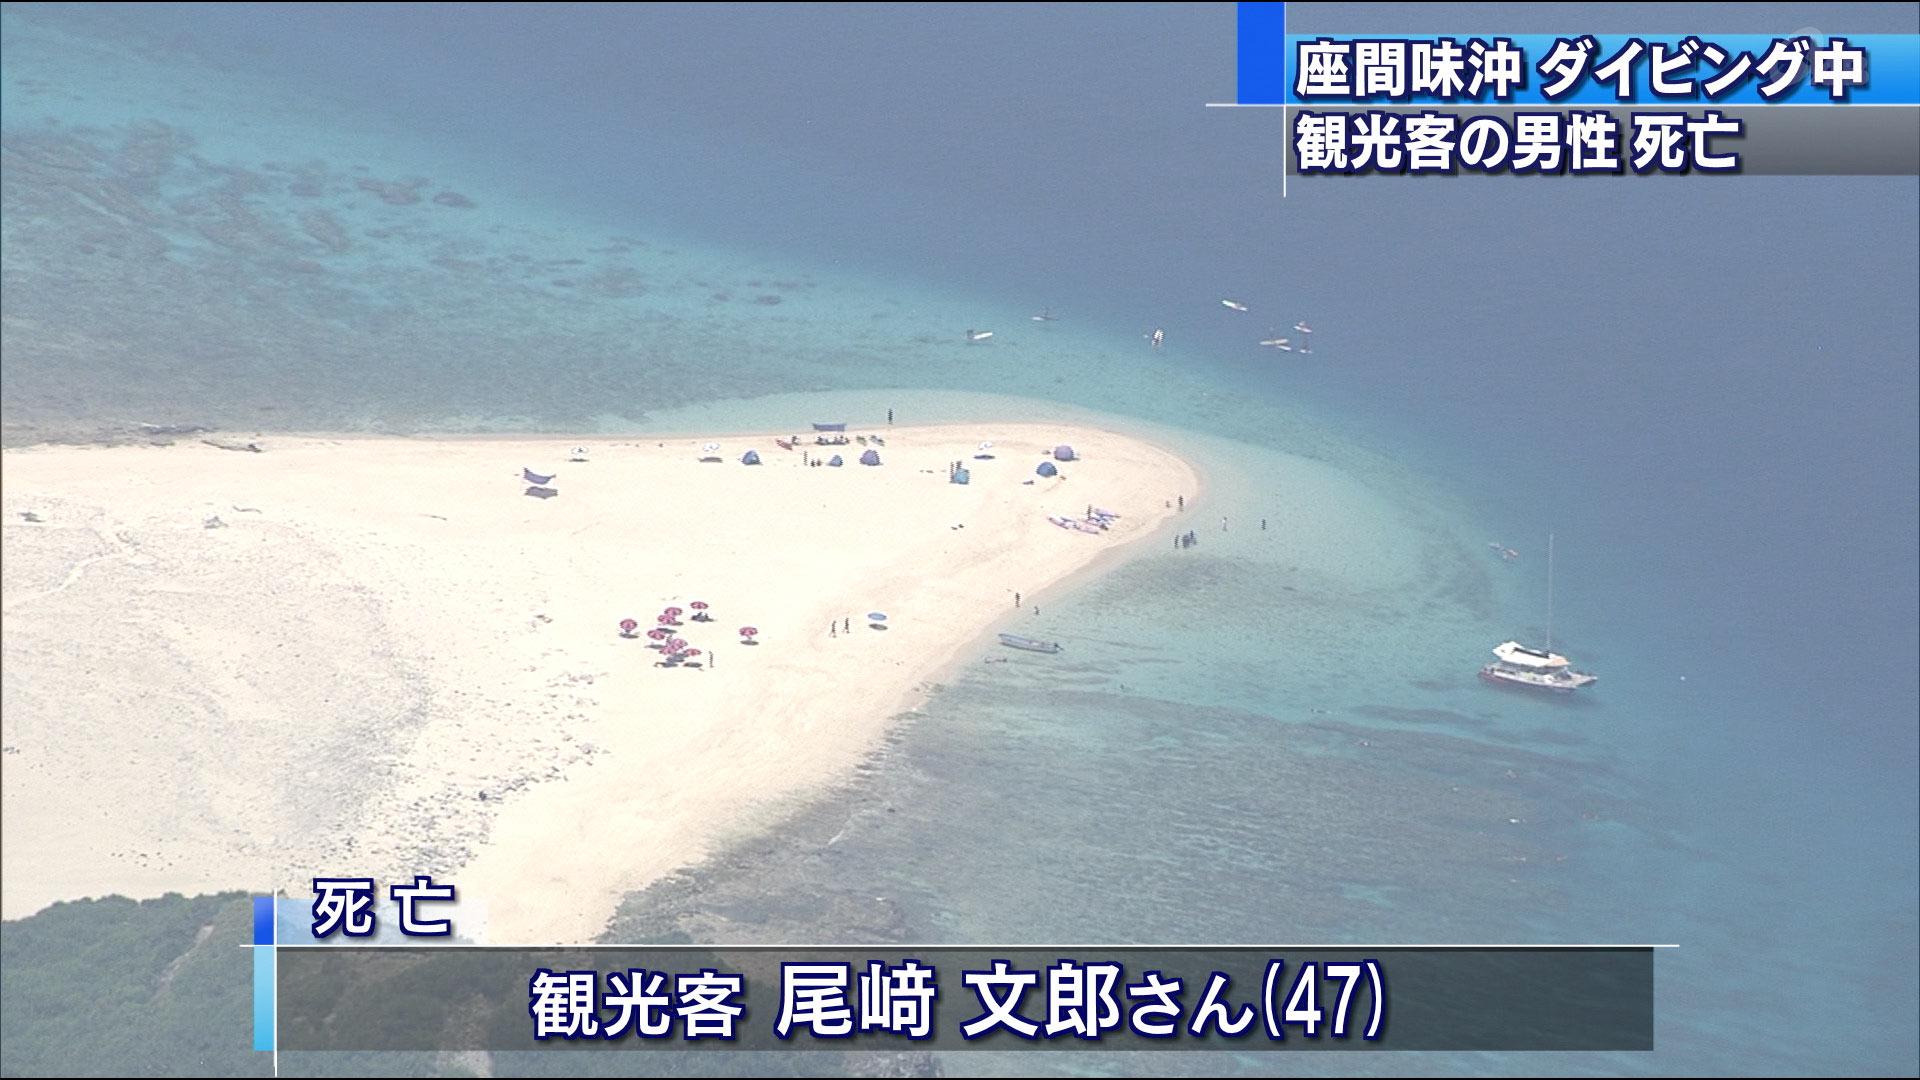 座間味島で水難事故 ダイバー男性死亡